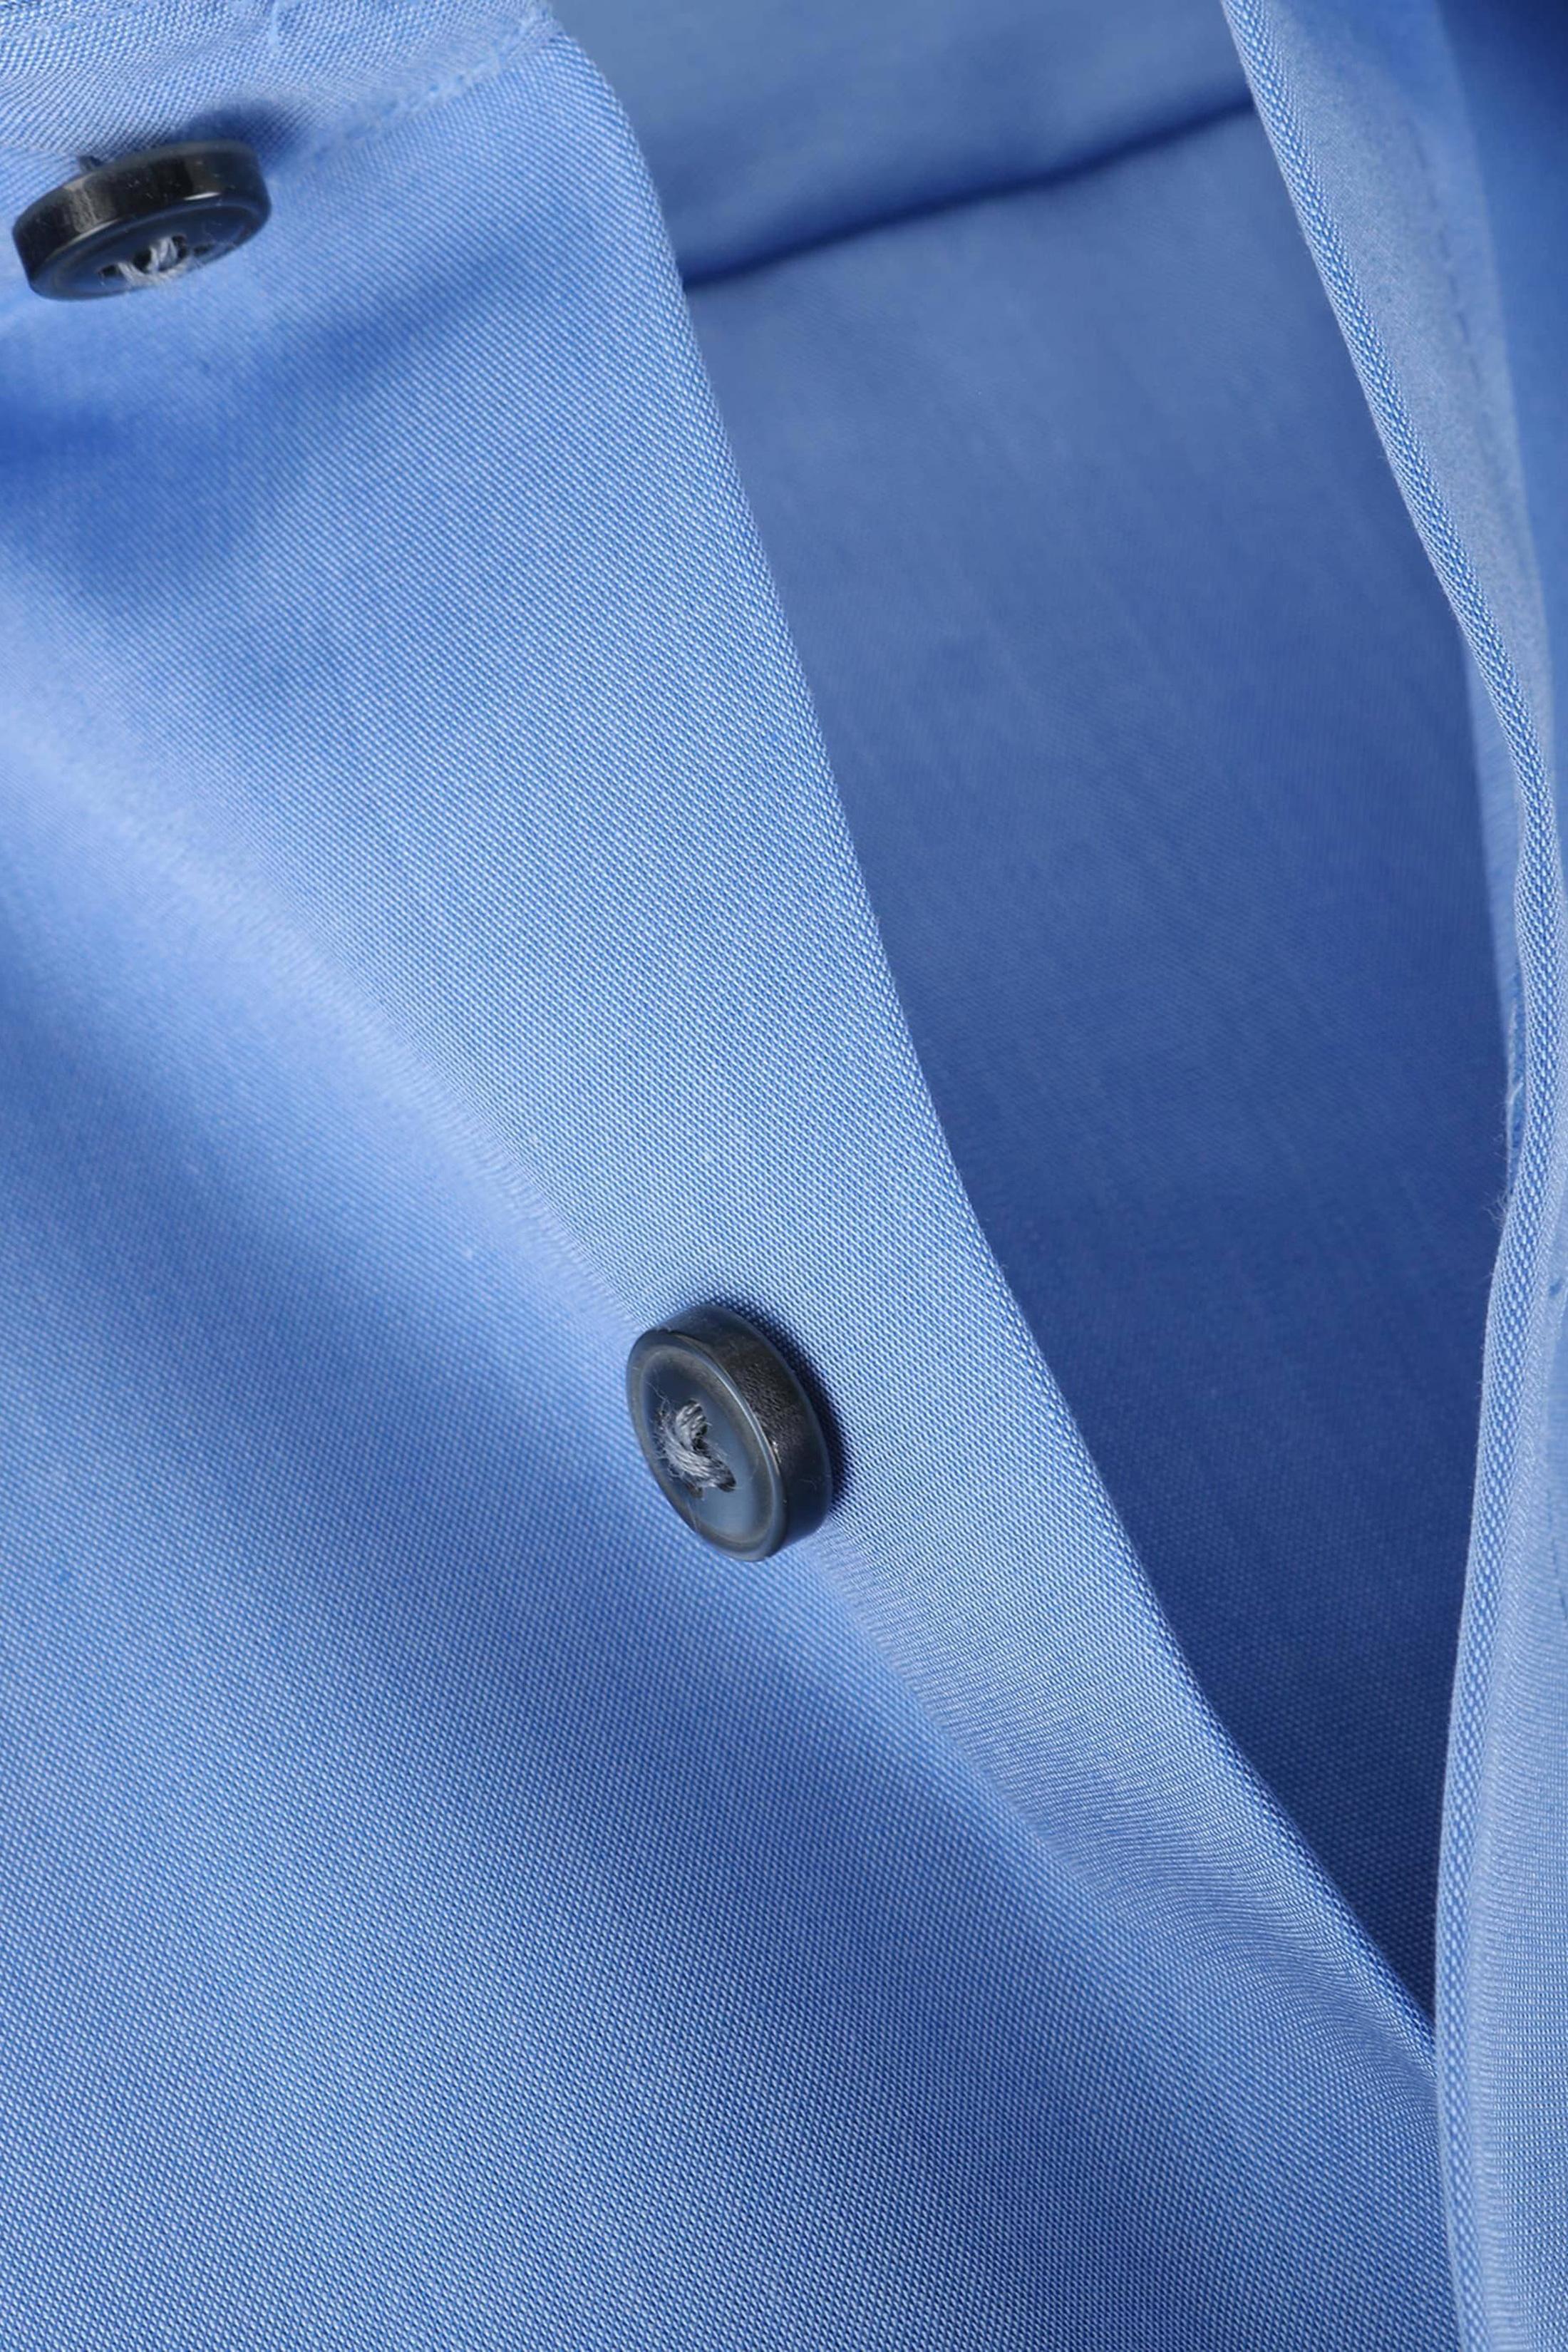 OLYMP Luxor Shirt Blauw Comfort Fit Lange Mouw foto 1